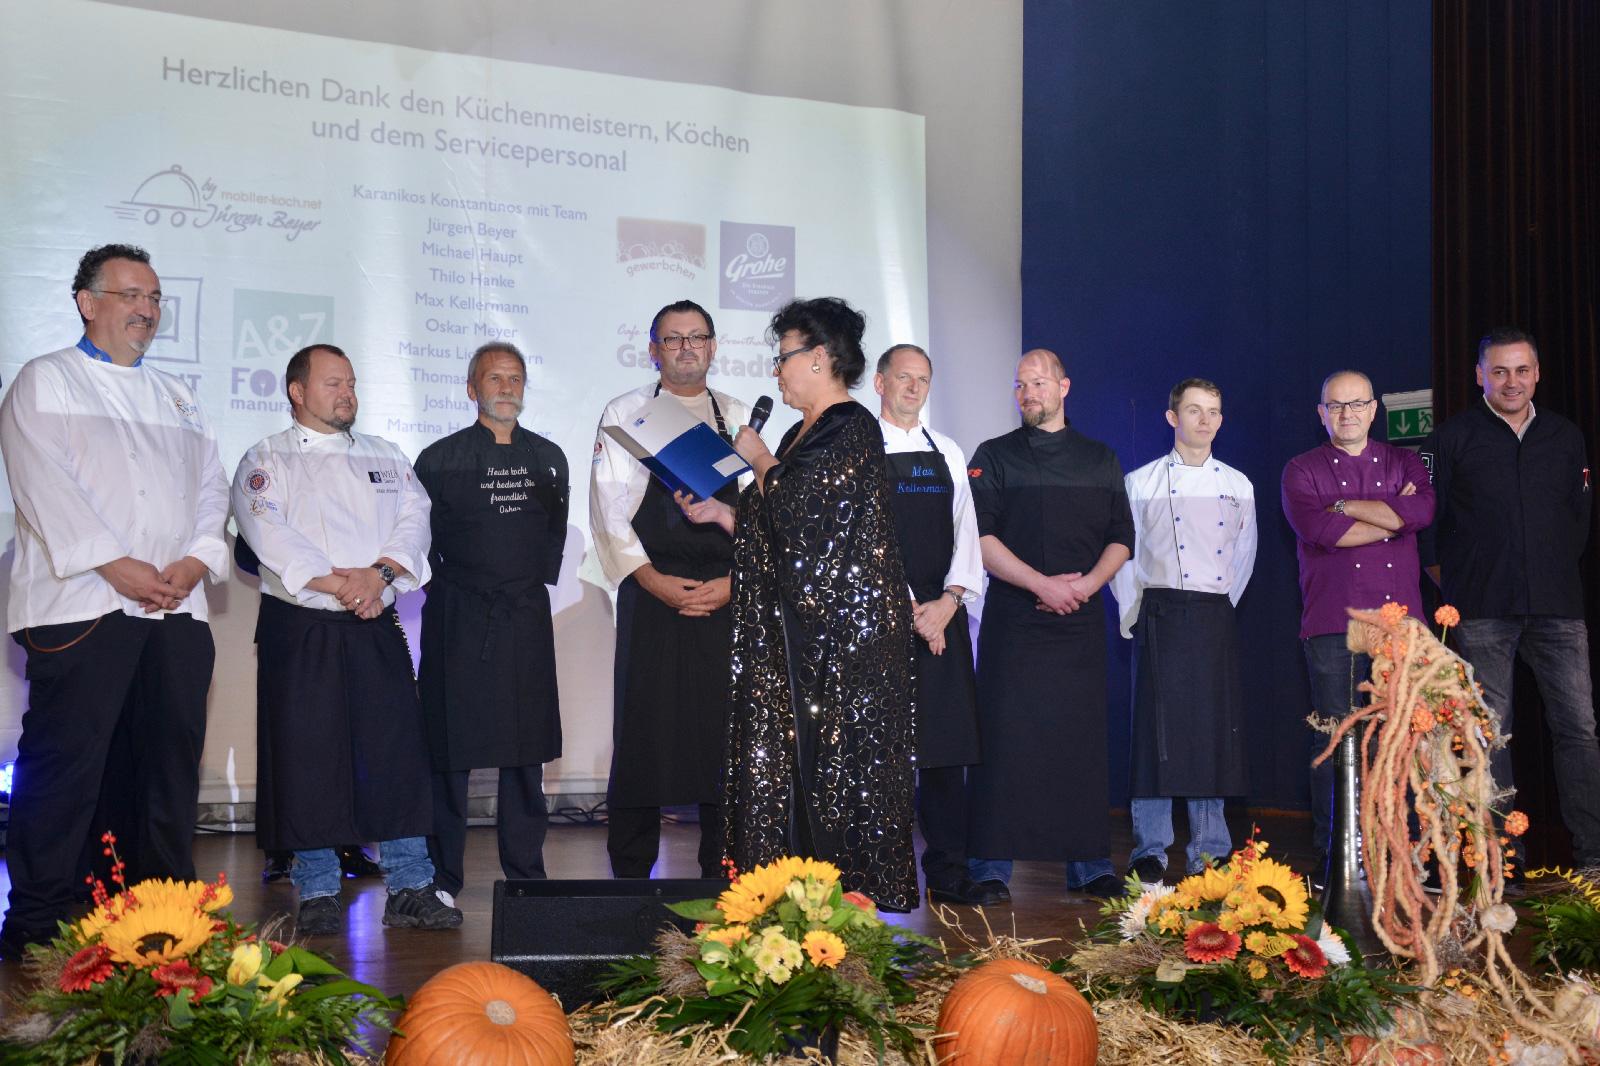 Ute Scholz mit der Brigade der Küchenmeister und Köche, die für die kulinarischen Köstlichkeiten verantwortlich war. Foto: Lorenz Märtl